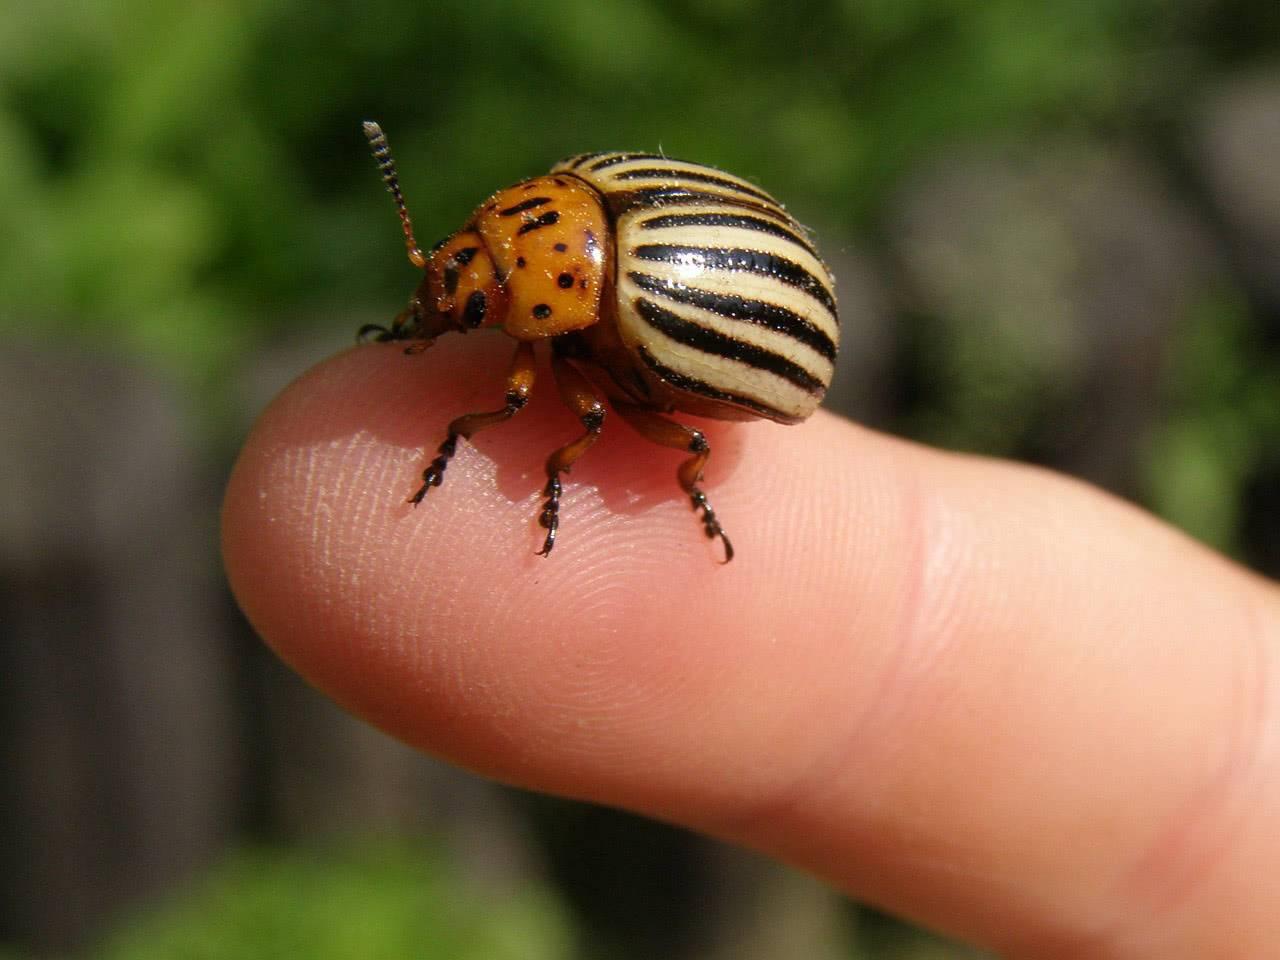 Откуда взялся колорадский жук. как и когда появился колорадский жук в россии | дачная жизнь